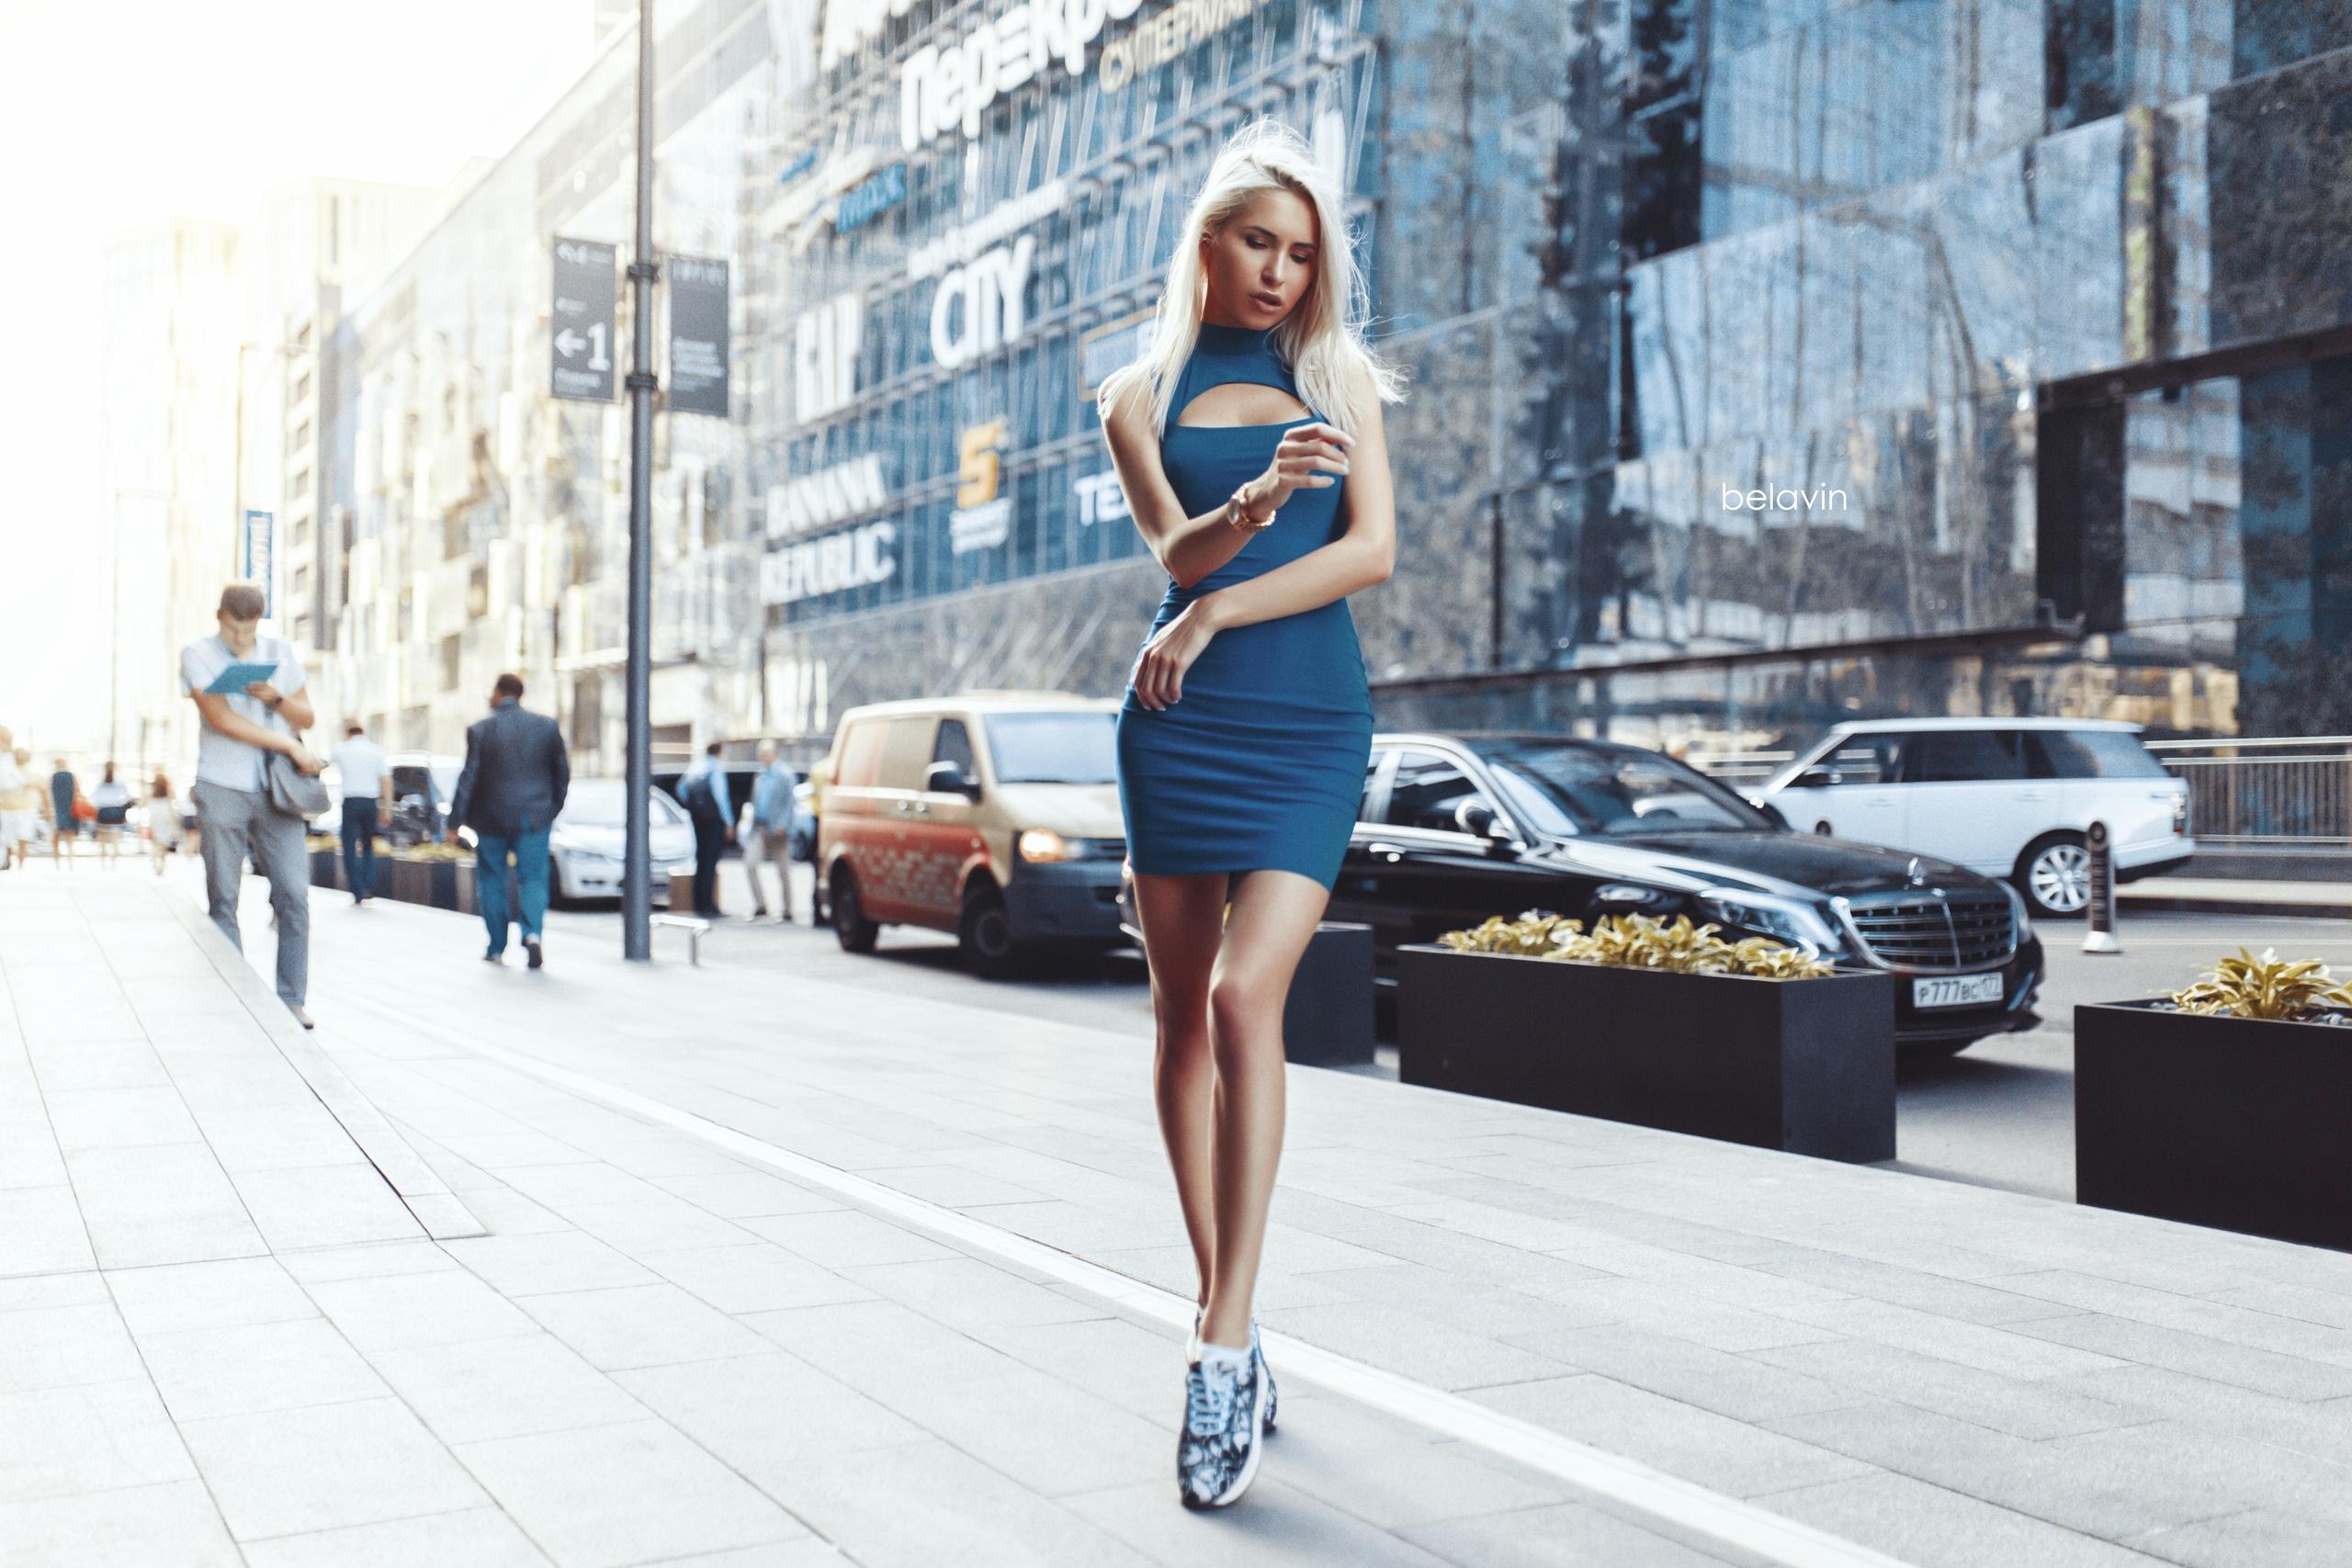 Русский пикап парней девушками на улице, Пикап порно онлайн, секс пикаперов на 24 видео 19 фотография